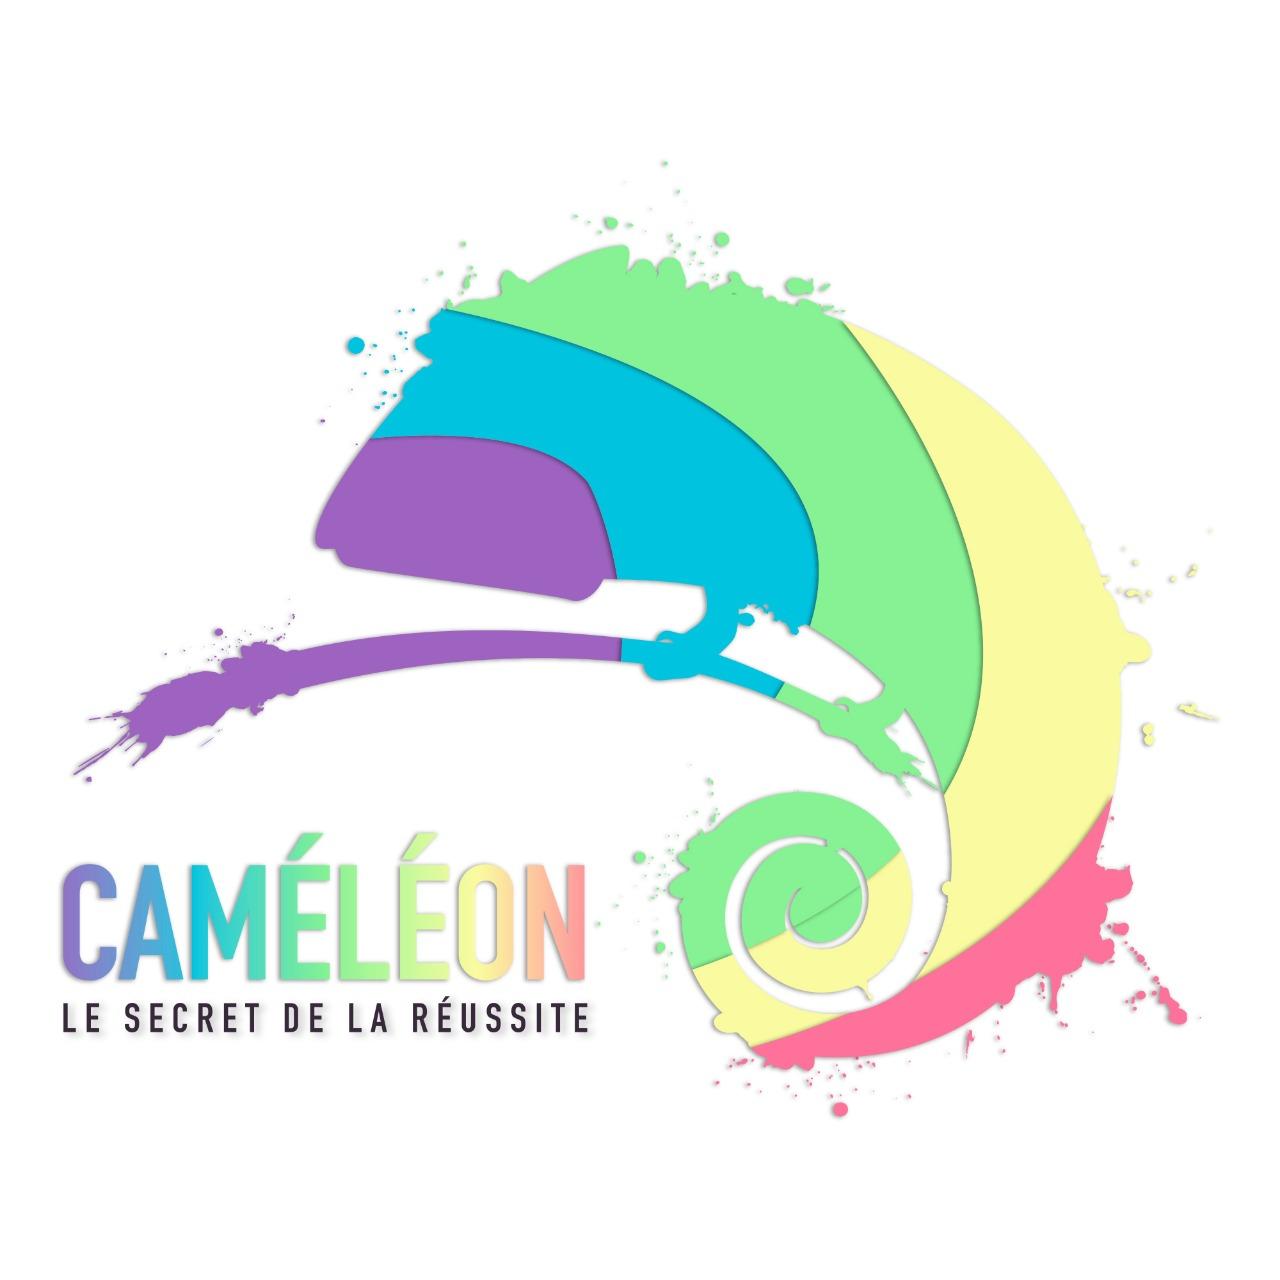 CAMELEON Maroc pour la collecte des données de marché